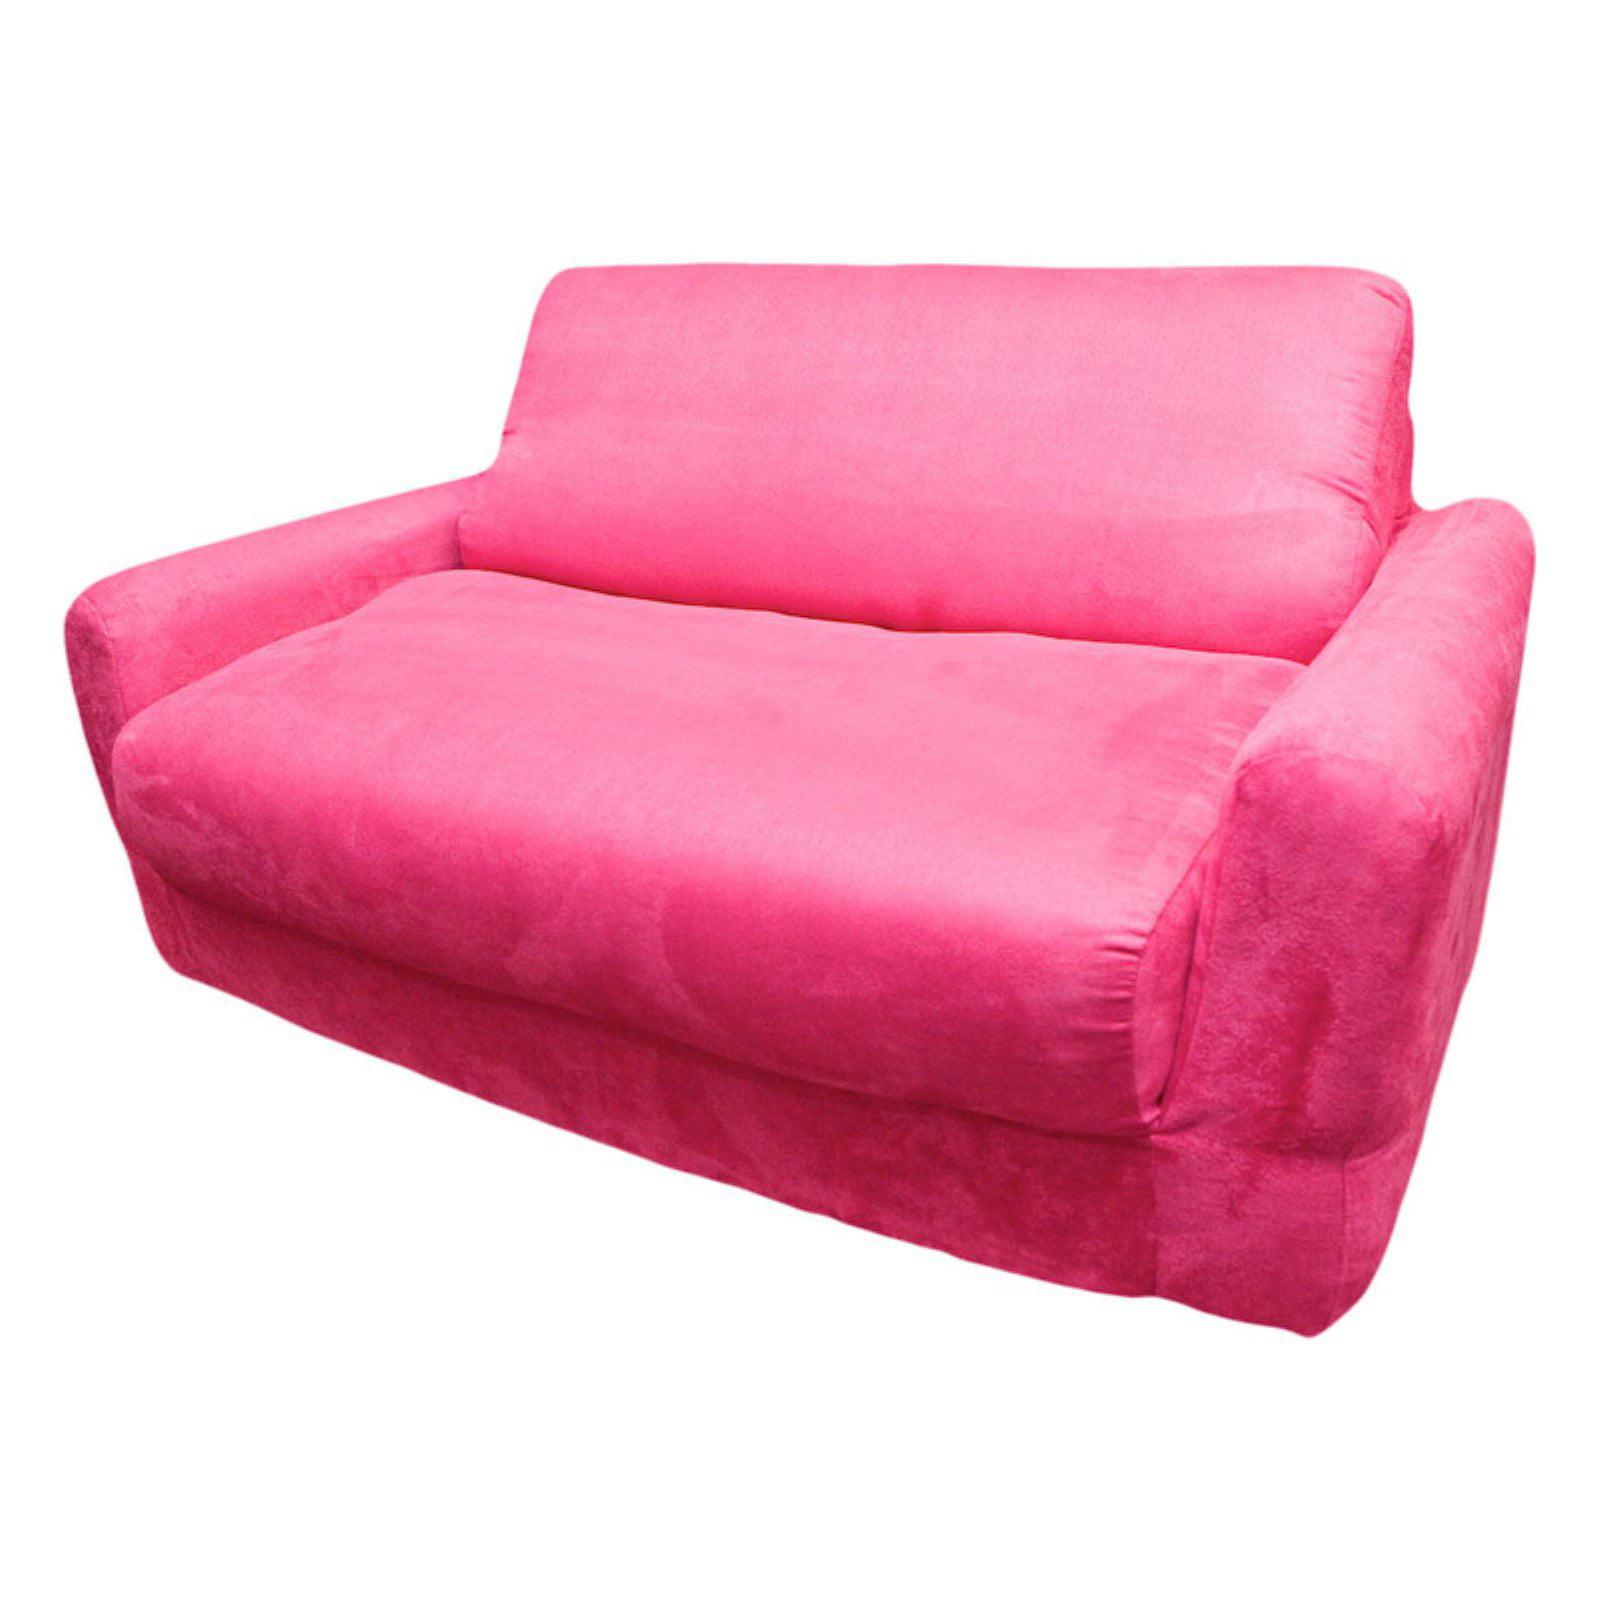 Fun Furnishings Fuchsia Sofa Sleeper with Pillows by Fun Furnishings